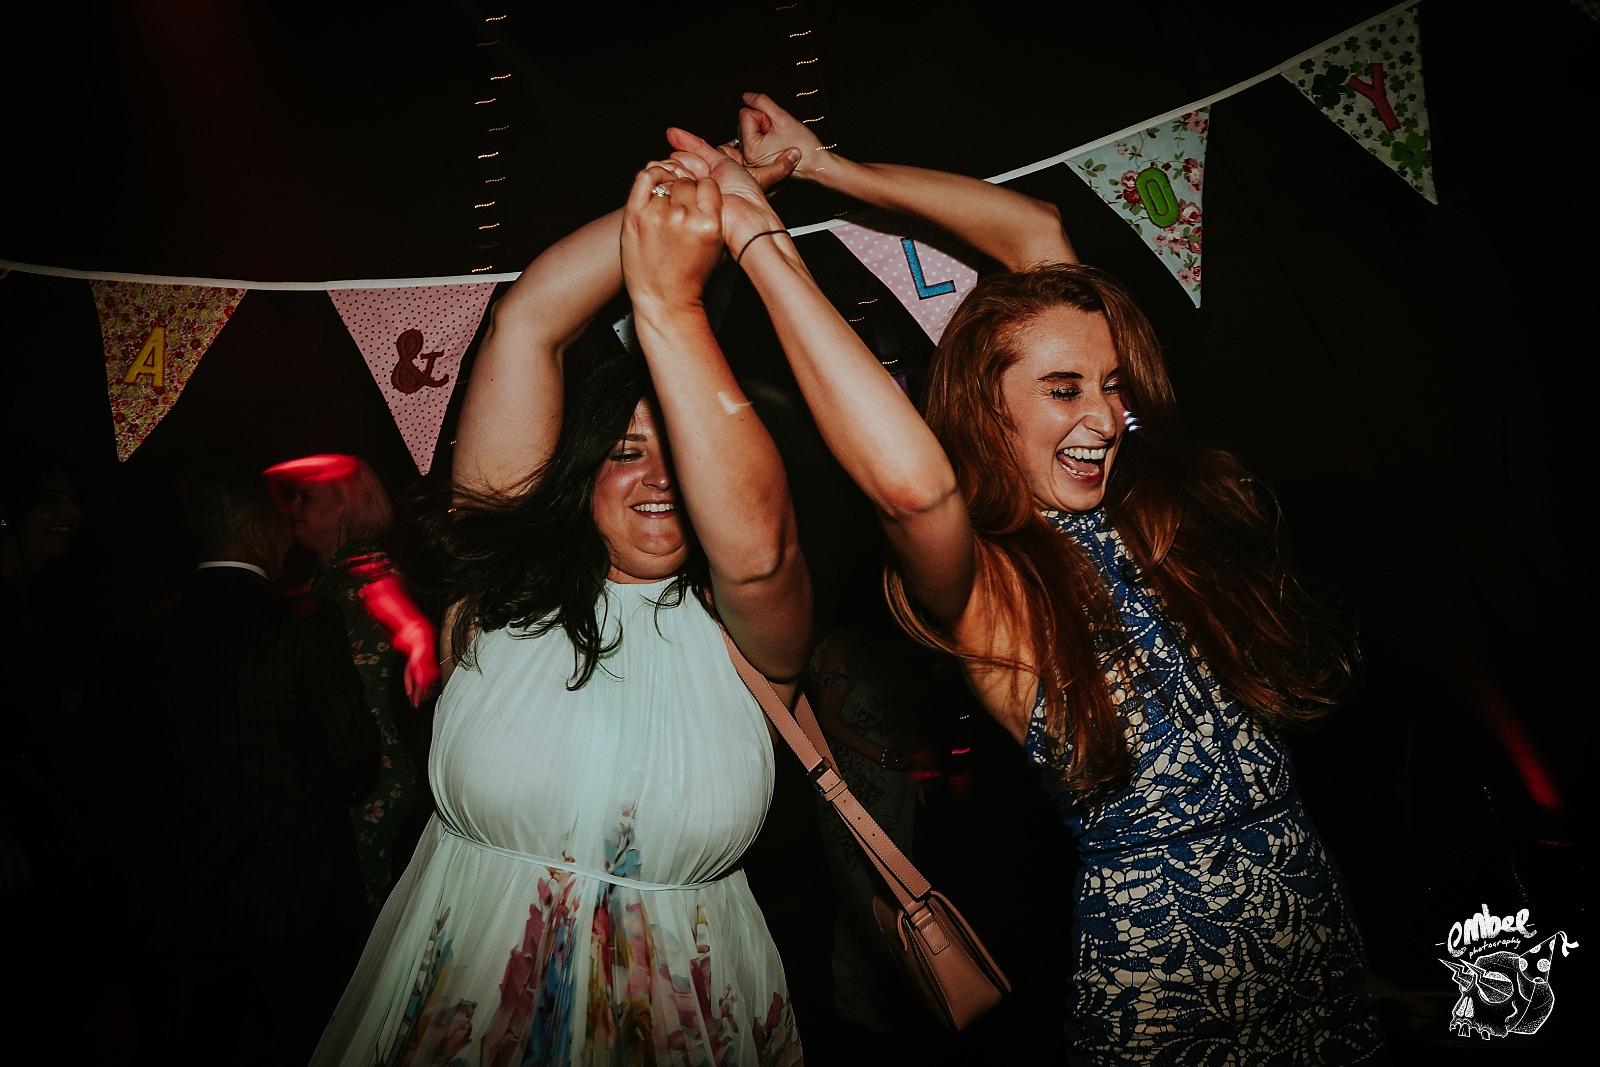 two girls having fun dancing